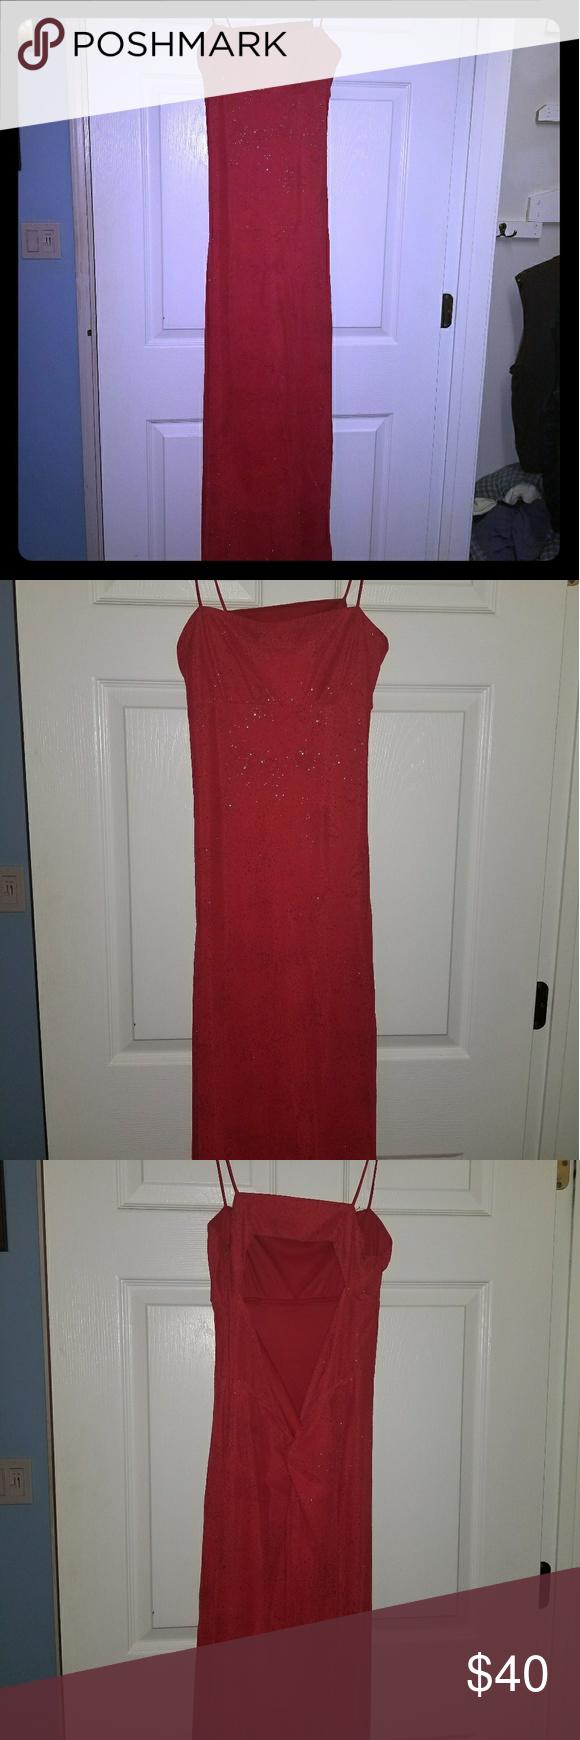 Ladies red glitter prom dress ladies size red glitter prom dress